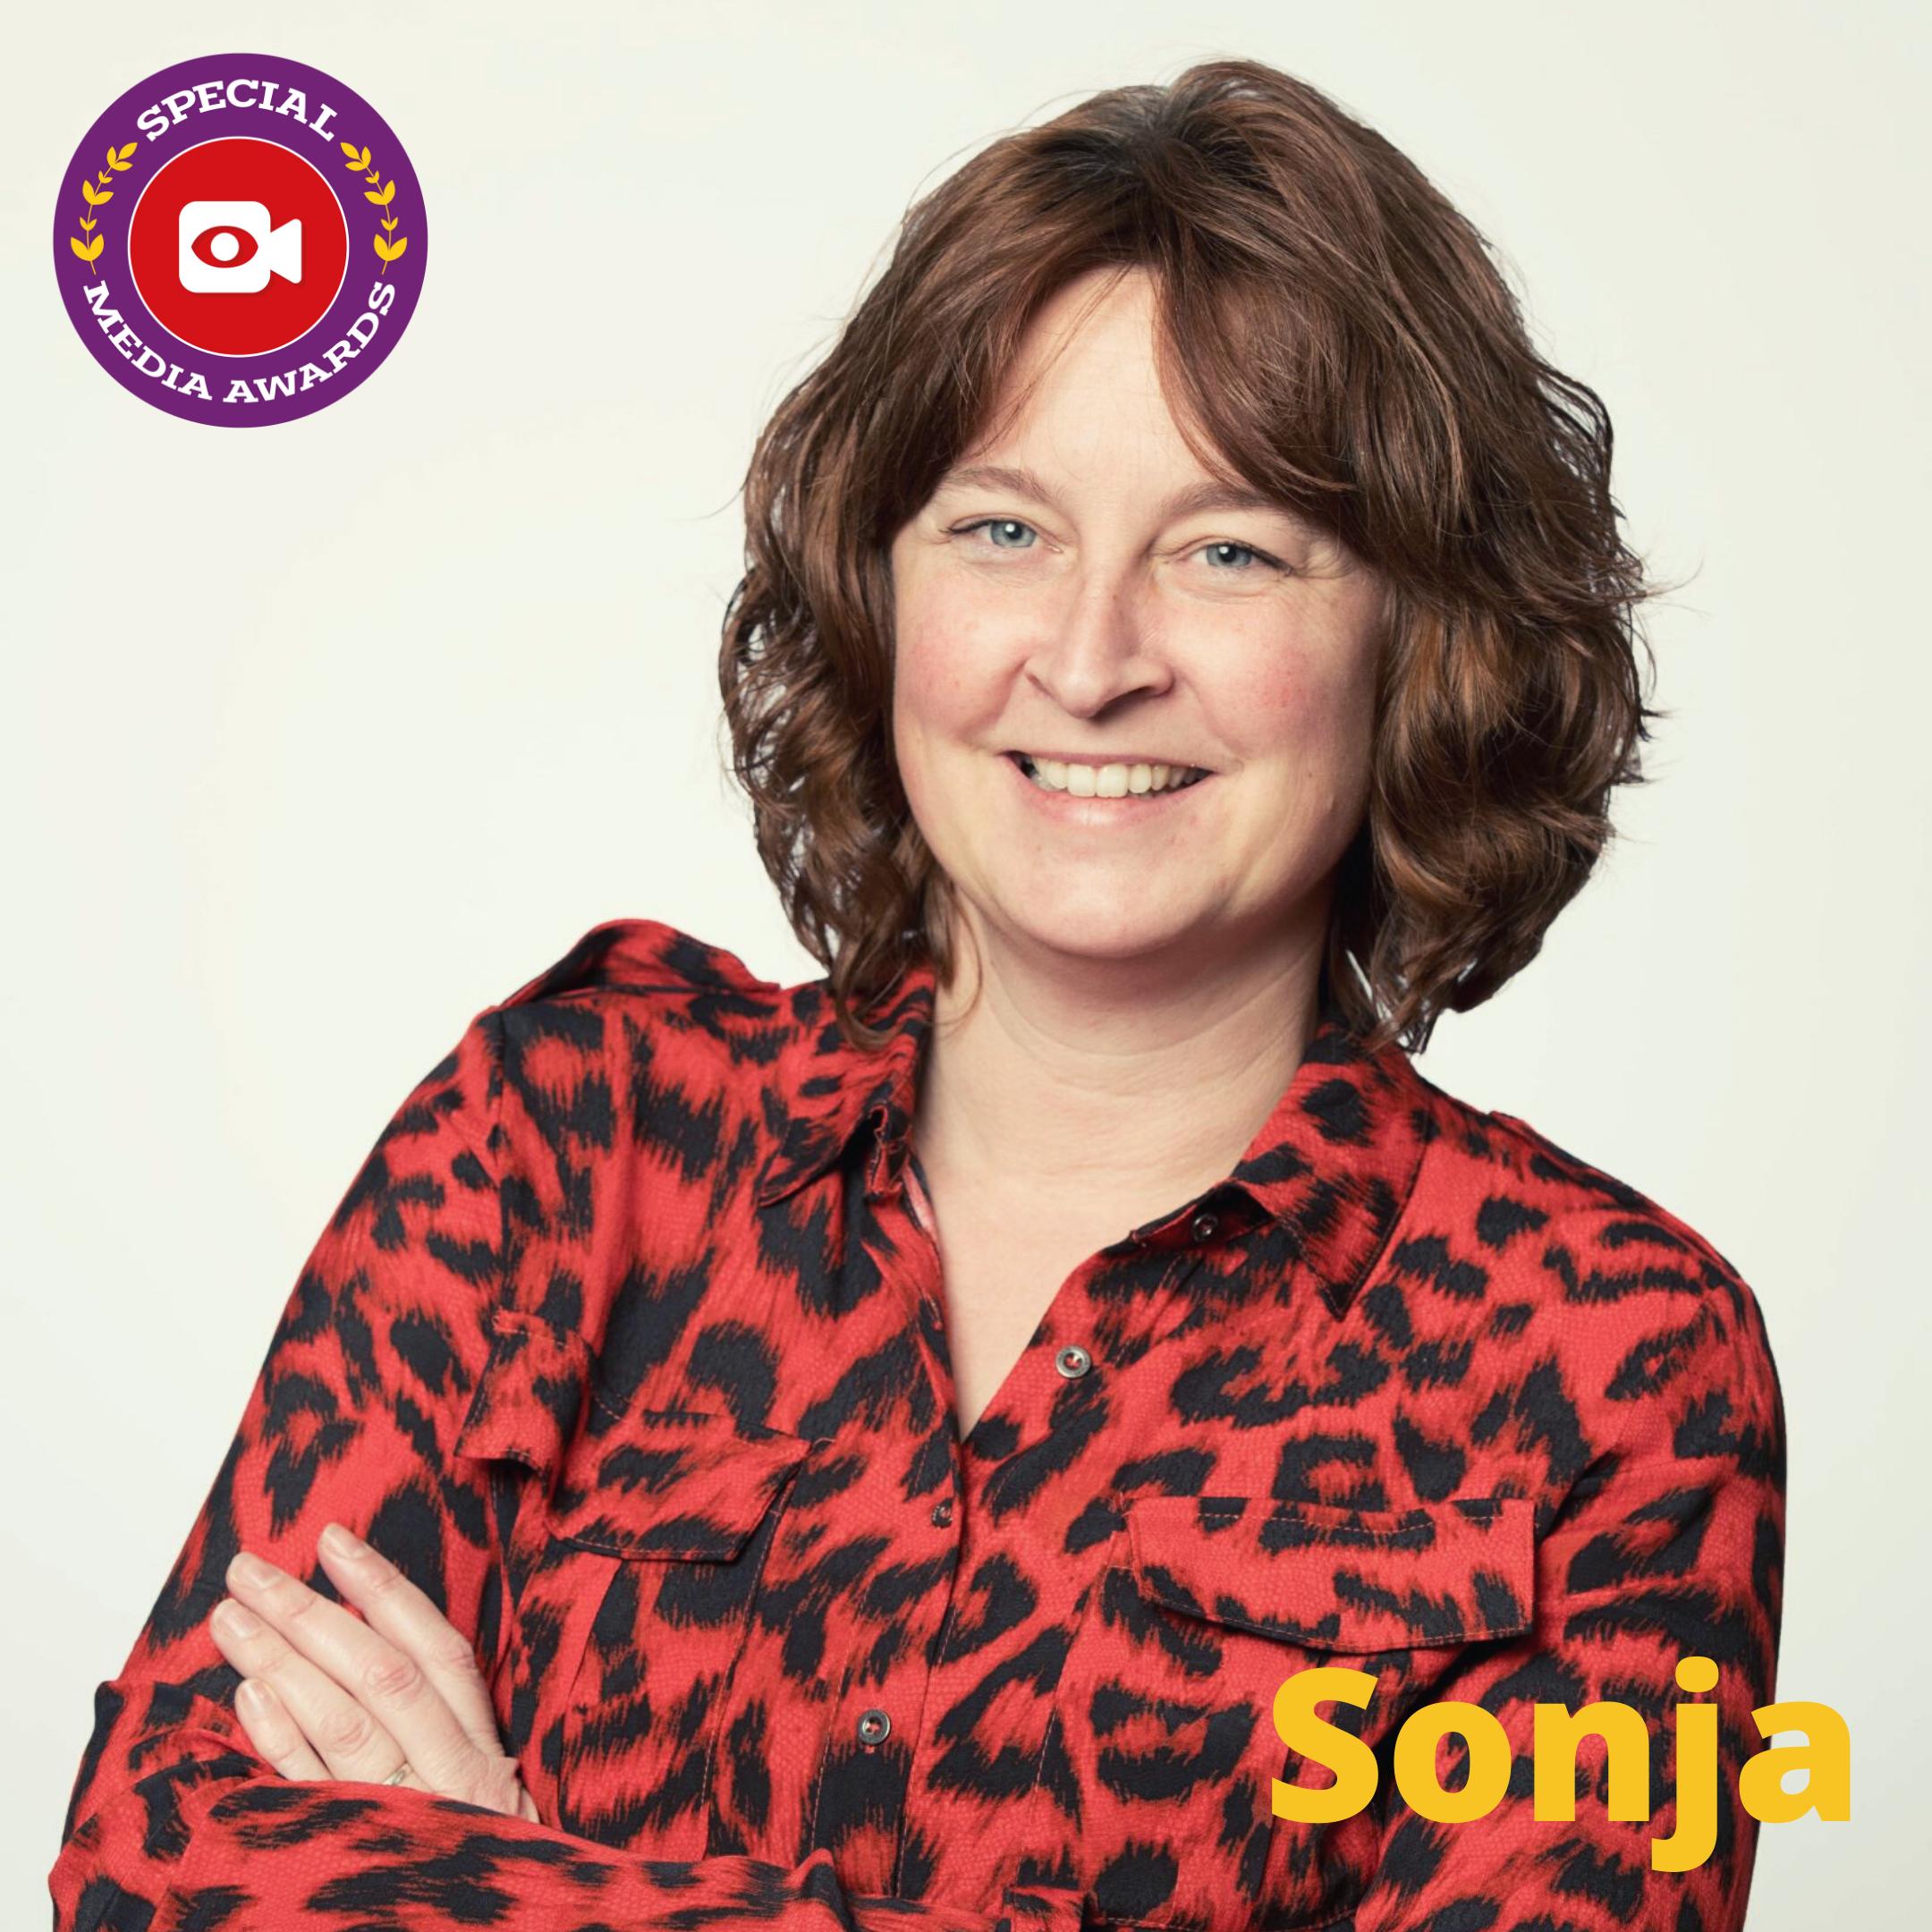 Sonja Heijkamp